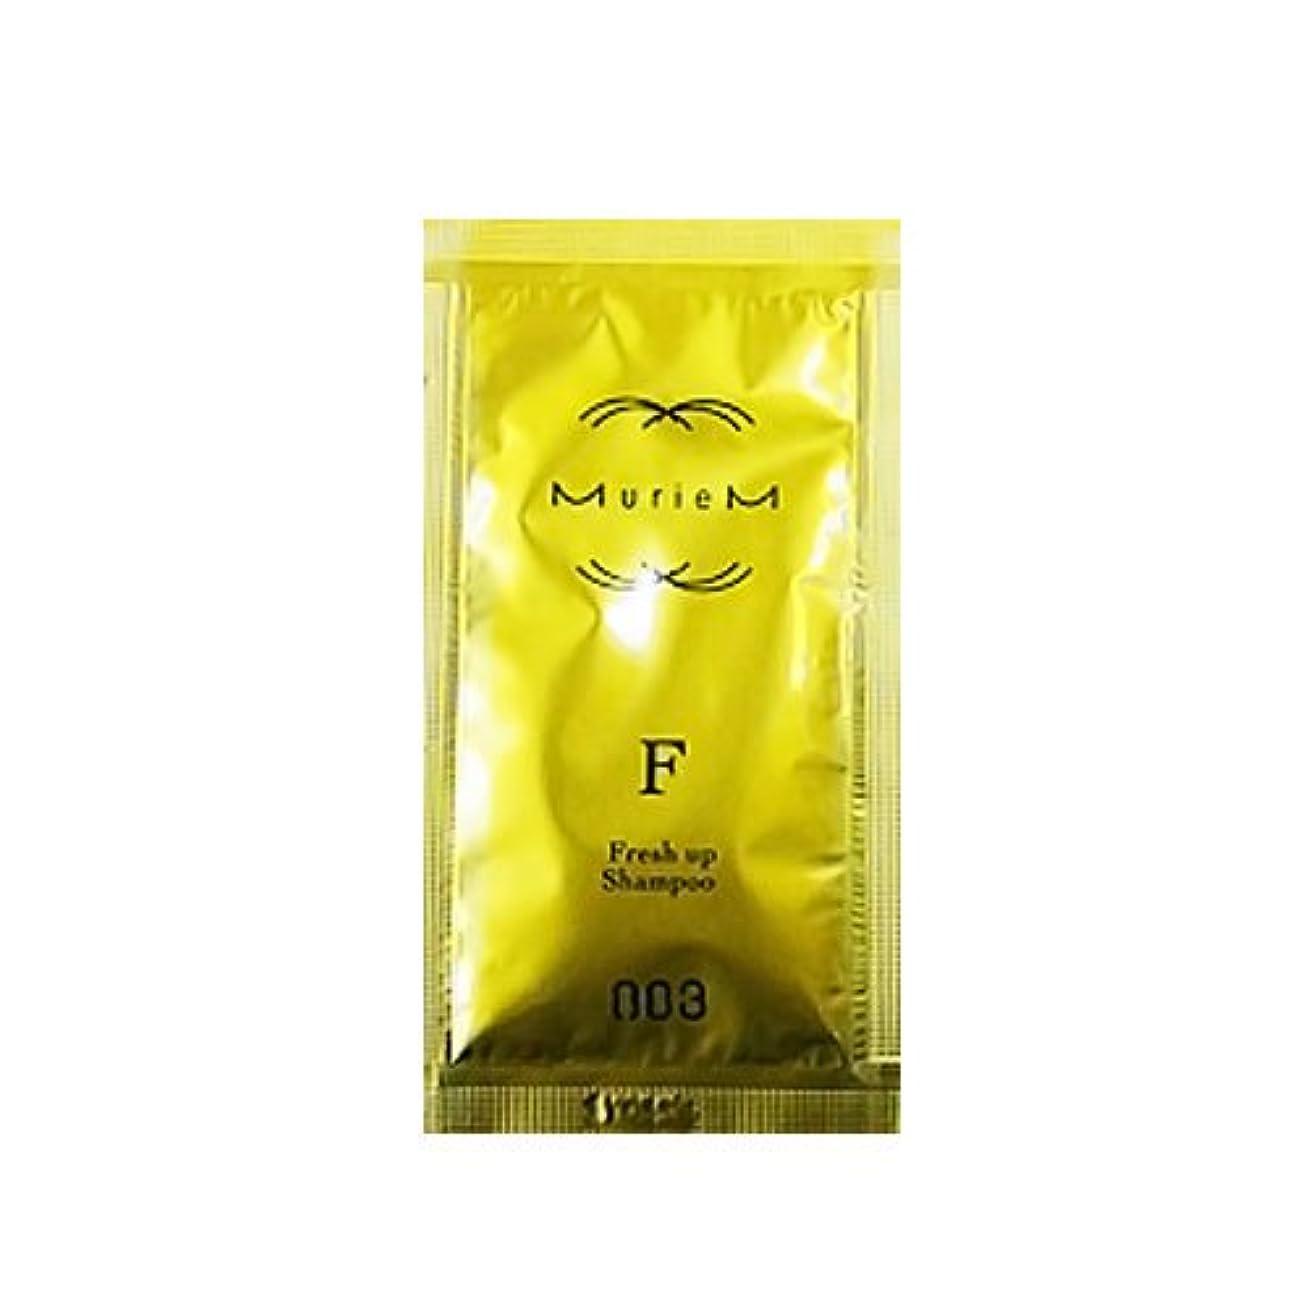 混雑作りジャンクナンバースリー ミュリアム ゴールド シャンプー F(フレッシュ アップ) 10ml【お試し】